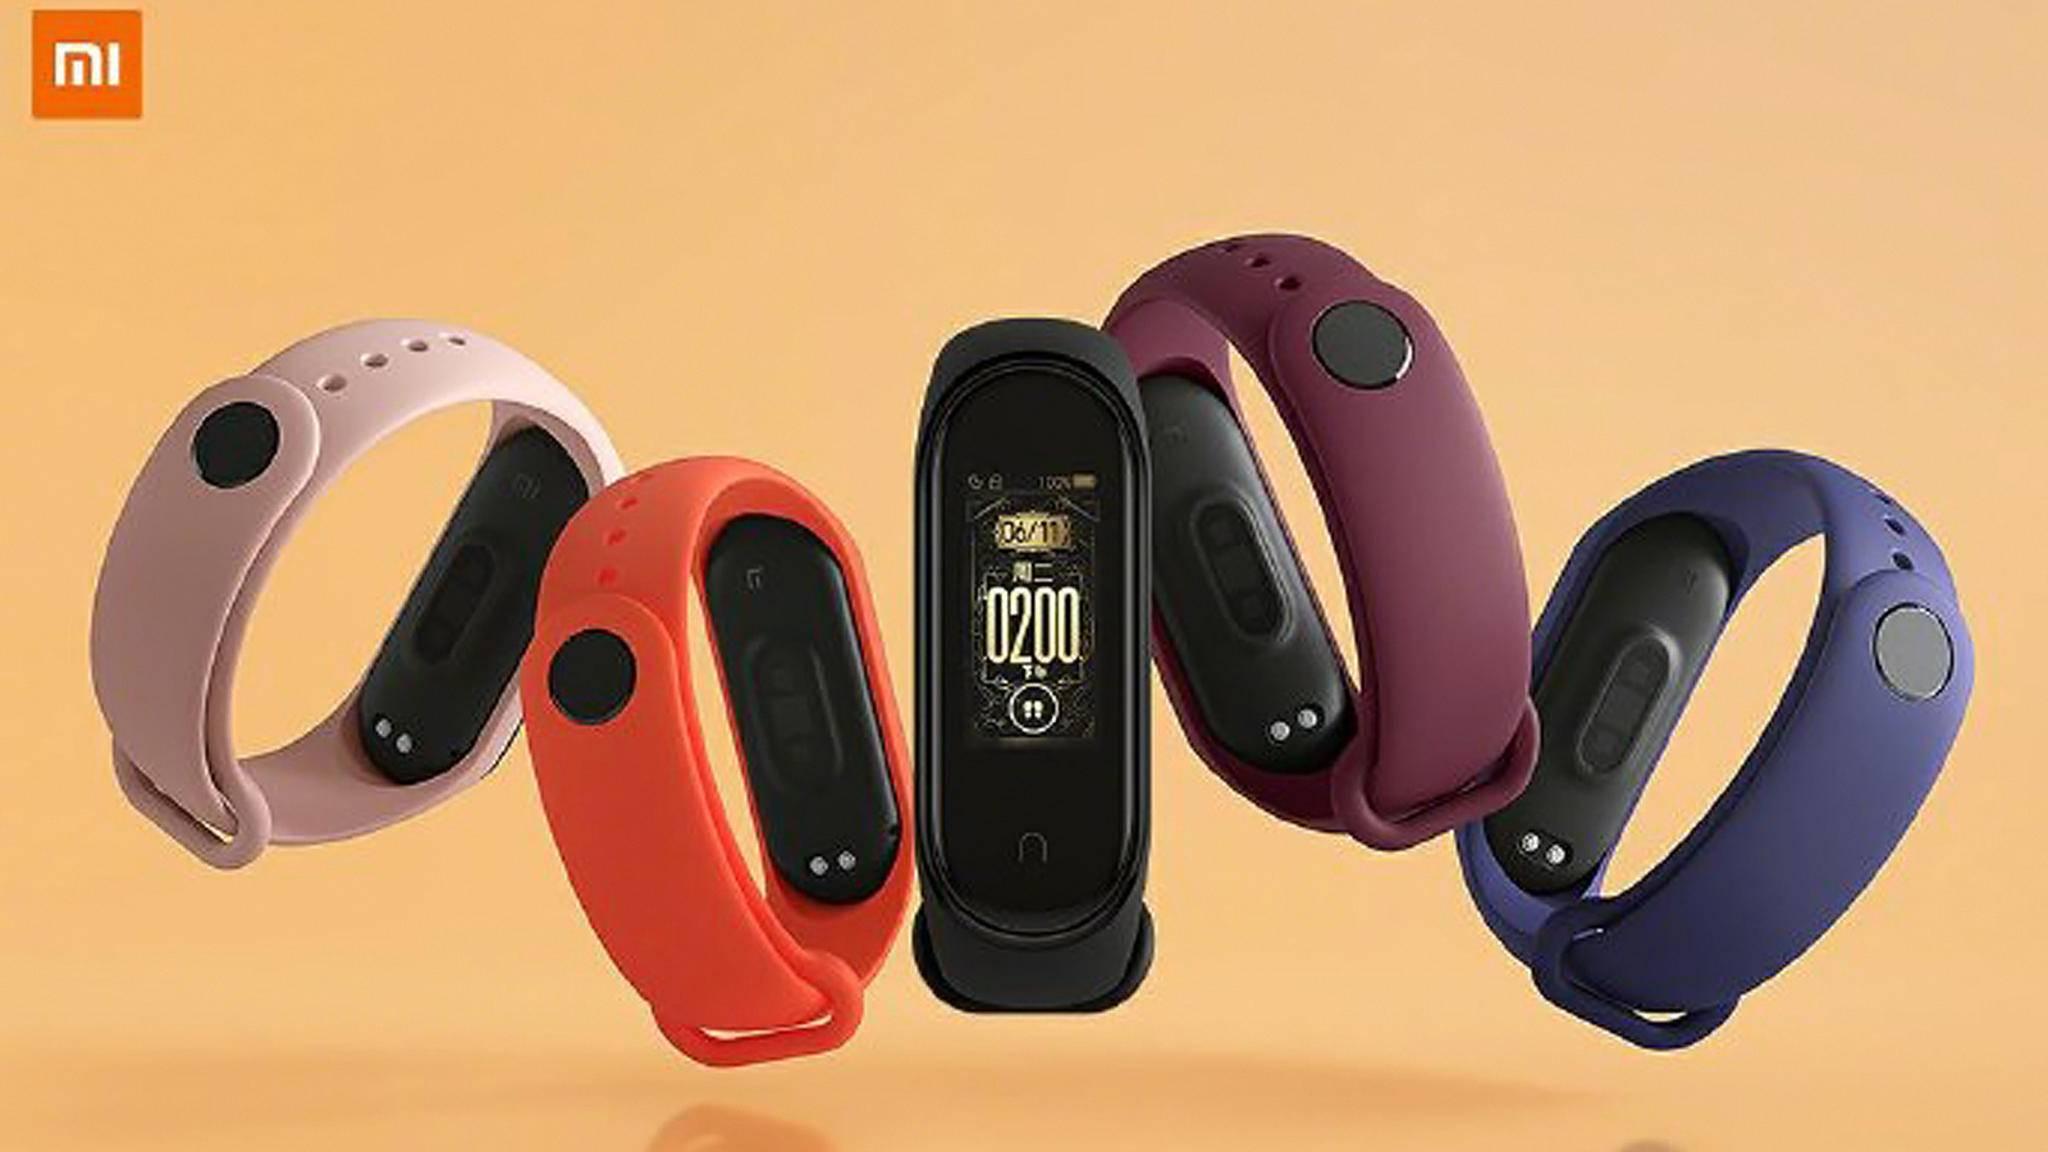 Das Mi Band 4 (im Bild) kam noch in unterschiedlichen Farben auf den Markt. Die Modelle des Mi Band 5 werden sich auch bei der Ausstattung unterscheiden.